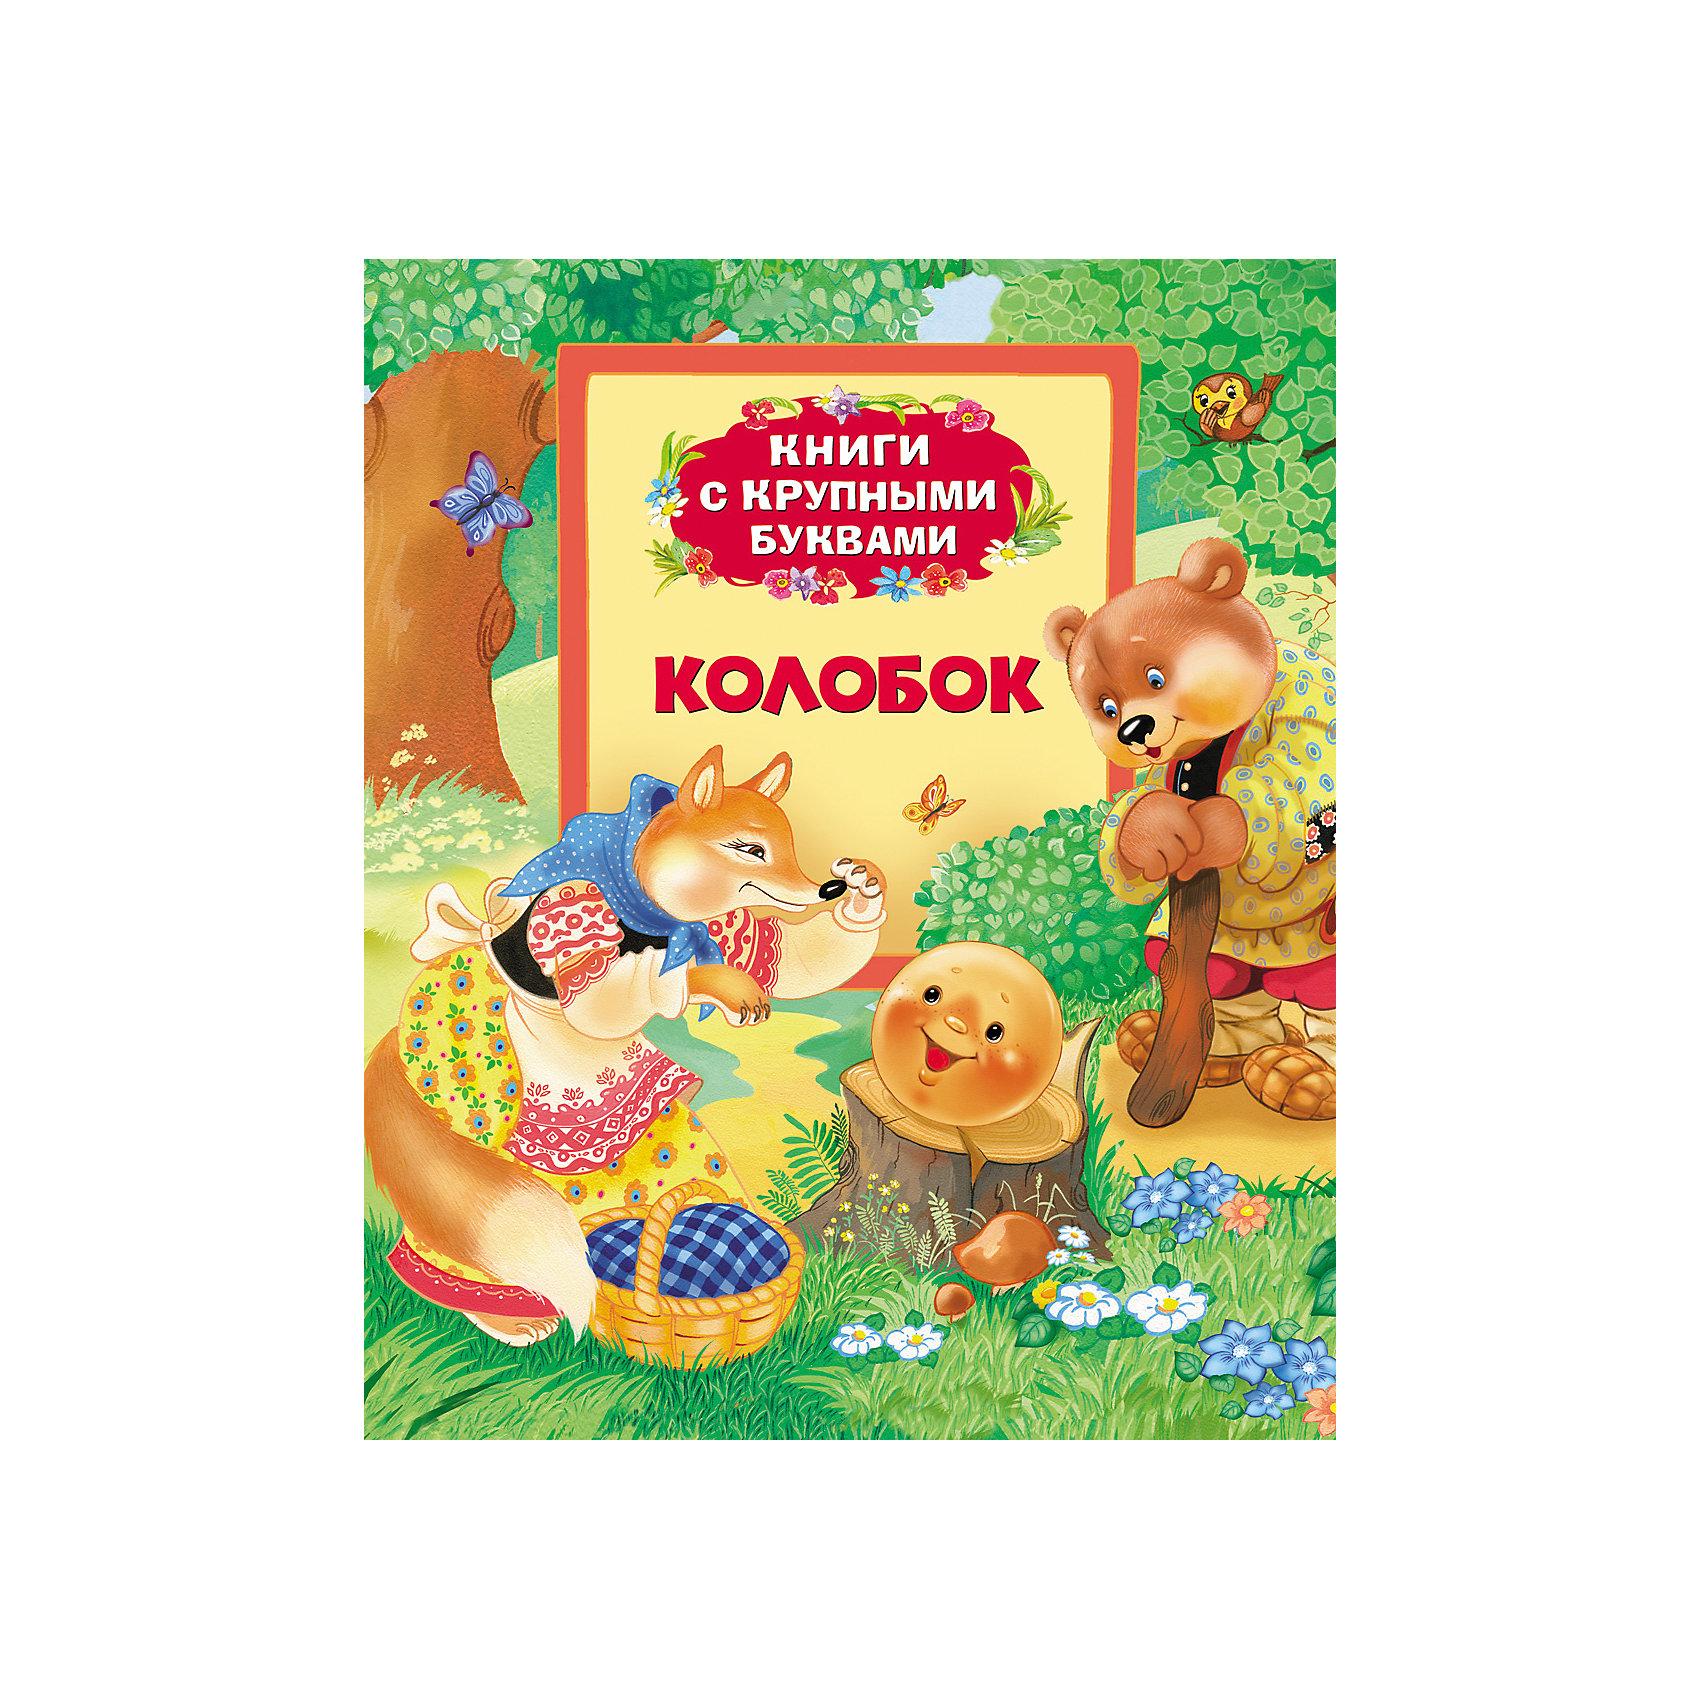 Книга с крупными буквами КолобокКнига с крупными буквами Колобок<br><br>Характеристики:<br><br>• Иллюстрации: цветные<br>• Переплет: твердый<br>• Год: 2013 г. <br>• Объем: 32 стр. <br>• Издательство: Росмэн<br><br>Книга незаменимый друг человека. Благодаря рассказам ребенок сможет познать мир, не выходя из комнаты. Кроме этого правильно подобранные книги учат ребенка хорошим манерам, правилам поведения и многому другому. Данную книгу подготовили опытные педагоги и психологи, сделав ее простой и понятной для ребенка. Крупные буквы и достаточно понятный сюжет помогут ребенку прочитать известные русские сказки самостоятельно, и возможно они станут первыми самостоятельно прочитанными произведениями. В книгу вошли сказки: «Колобок», «Лиса и кот», «Курочка ряба». Яркие красочные иллюстрации смогут завлечь ребенка и дополнить истории. <br><br>Книга с крупными буквами Колобок можно купить в нашем интернет-магазине.<br><br>Ширина мм: 240<br>Глубина мм: 205<br>Высота мм: 8<br>Вес г: 280<br>Возраст от месяцев: 36<br>Возраст до месяцев: 84<br>Пол: Унисекс<br>Возраст: Детский<br>SKU: 3633660